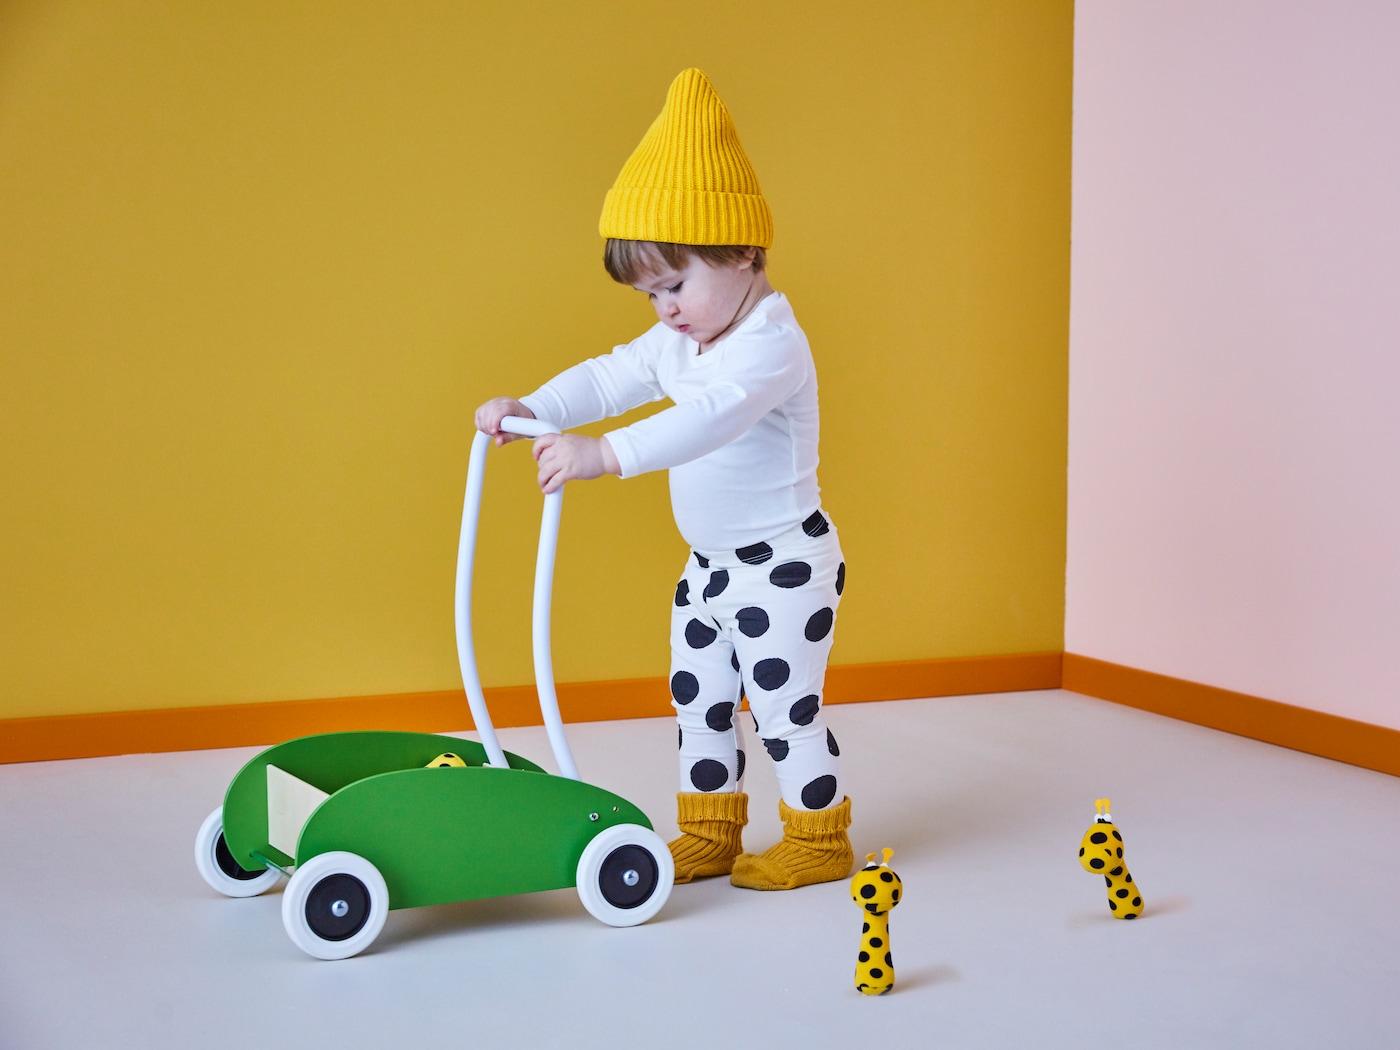 Ein Kind trägt einen gelben Hut und schwarz-weiß gepunktete Leggins. Es schiebt einen MULA Wagen zum Laufenlernen vor sich her.